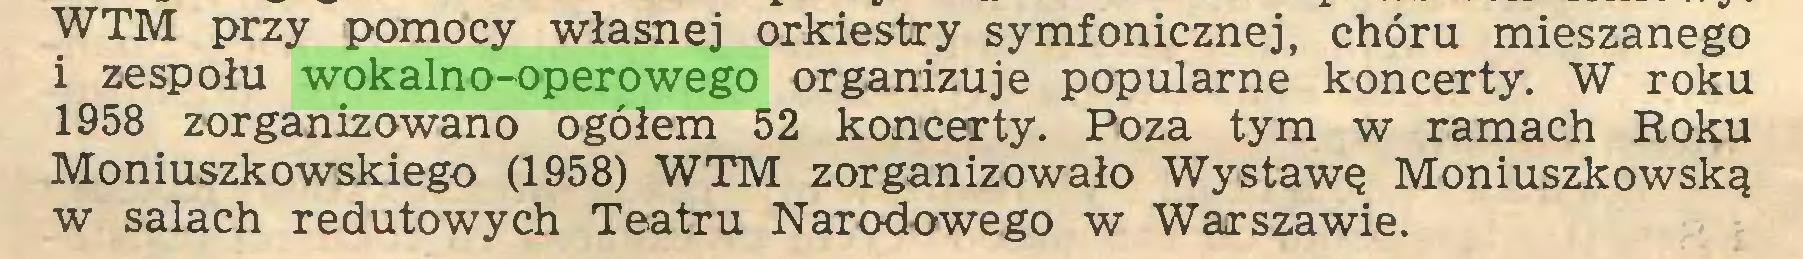 (...) WTM przy pomocy własnej orkiestry symfonicznej, chóru mieszanego i zespołu wokalno-operowego organizuje popularne koncerty. W roku 1958 zorganizowano ogółem 52 koncerty. Poza tym w ramach Roku Moniuszkowskiego (1958) WTM zorganizowało Wystawę Moniuszkowską w salach redutowych Teatru Narodowego w Warszawie...